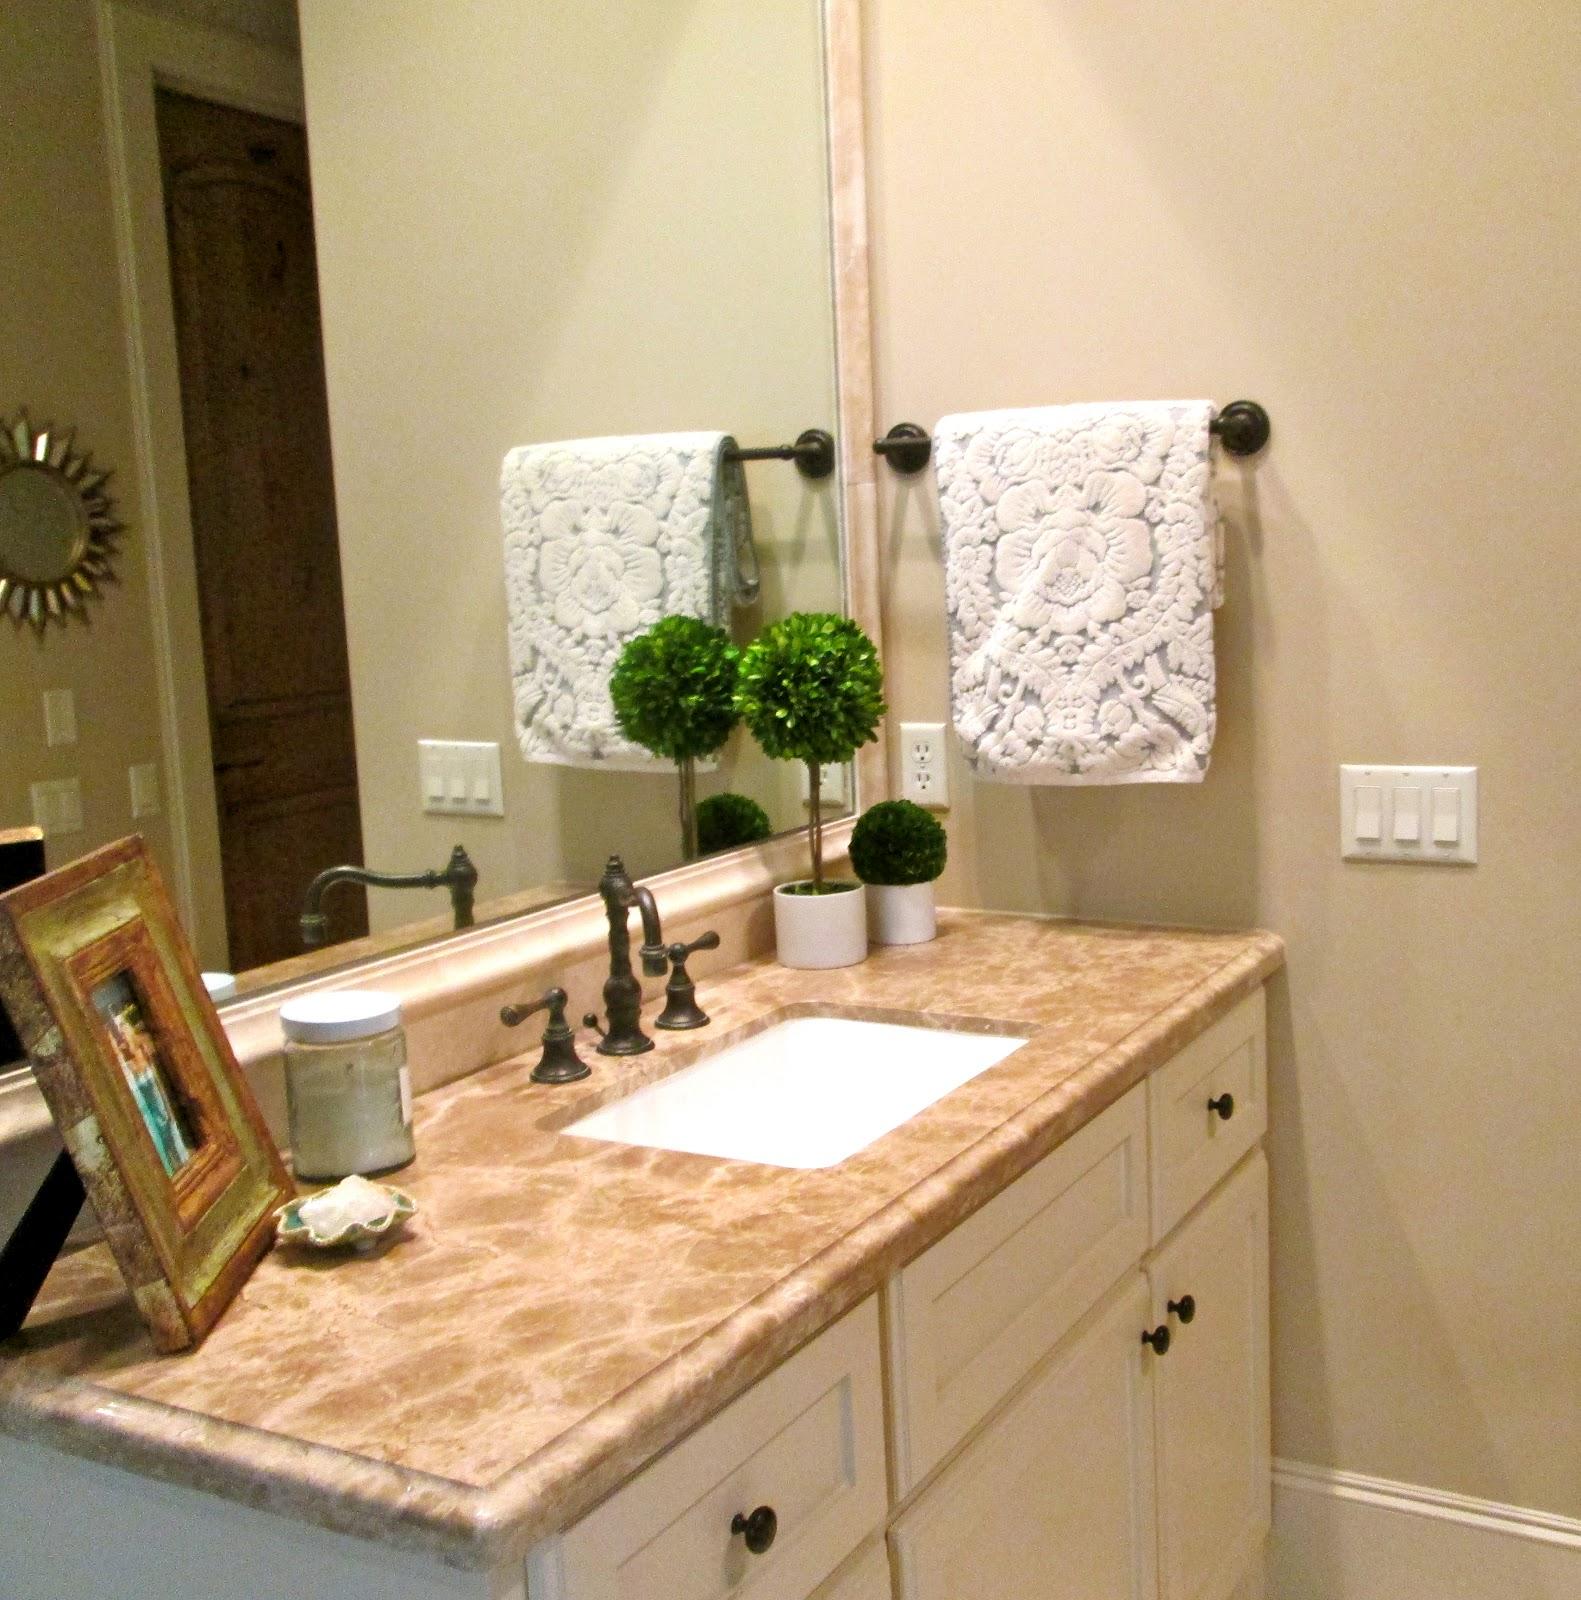 Decorative Bathroom Towels